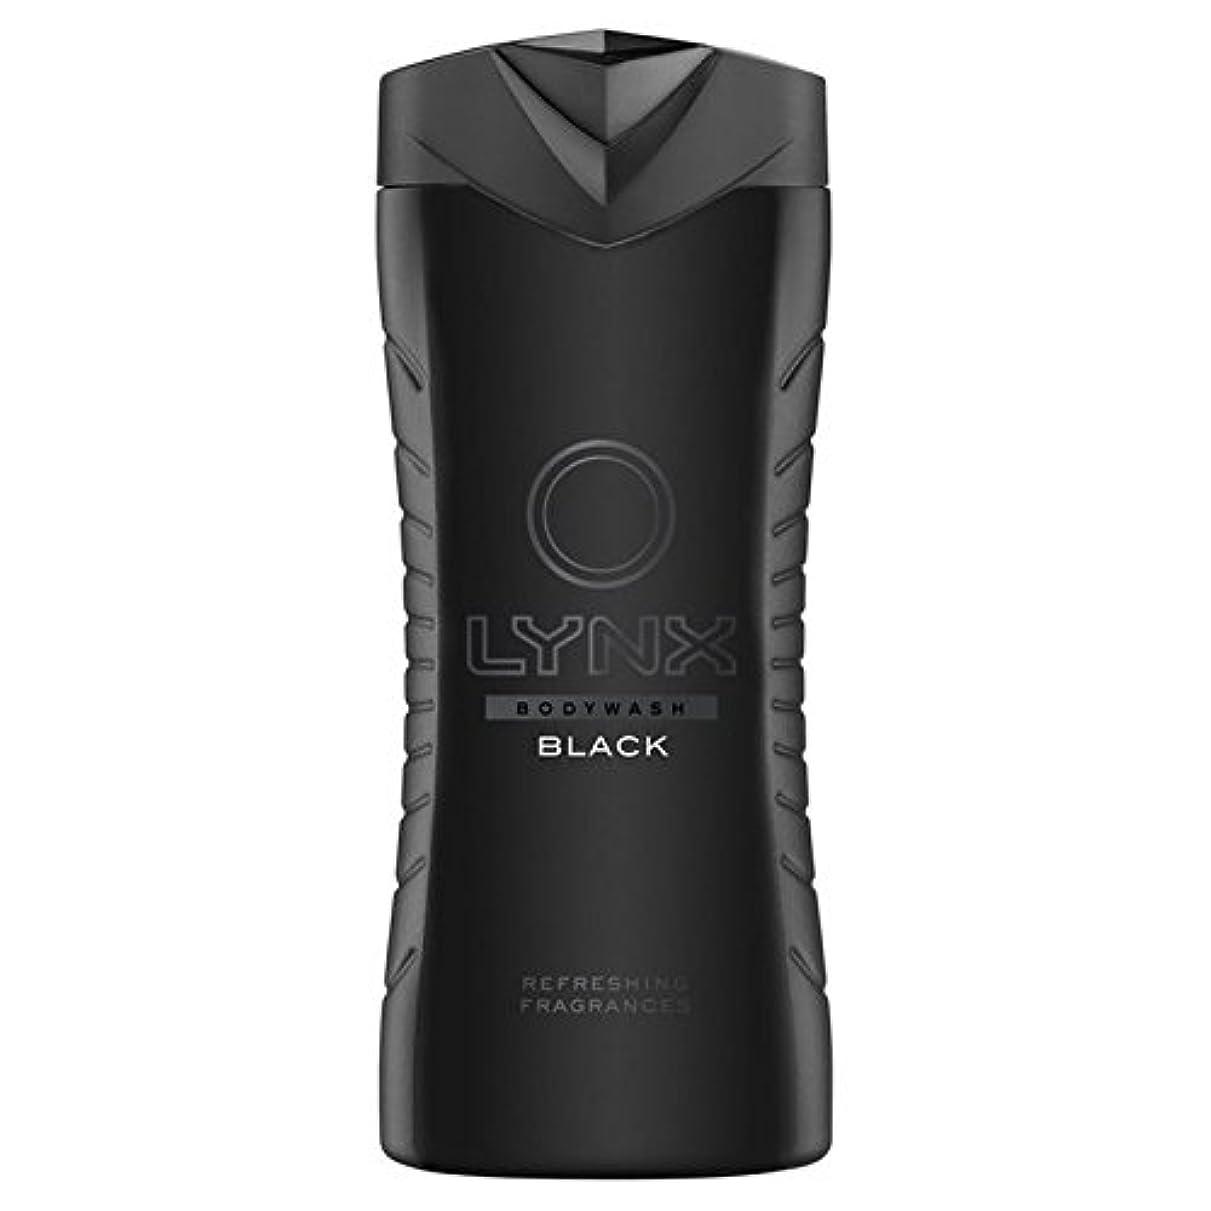 実り多い反対に成功オオヤマネコブラックシャワージェル400ミリリットル x2 - Lynx Black Shower Gel 400ml (Pack of 2) [並行輸入品]